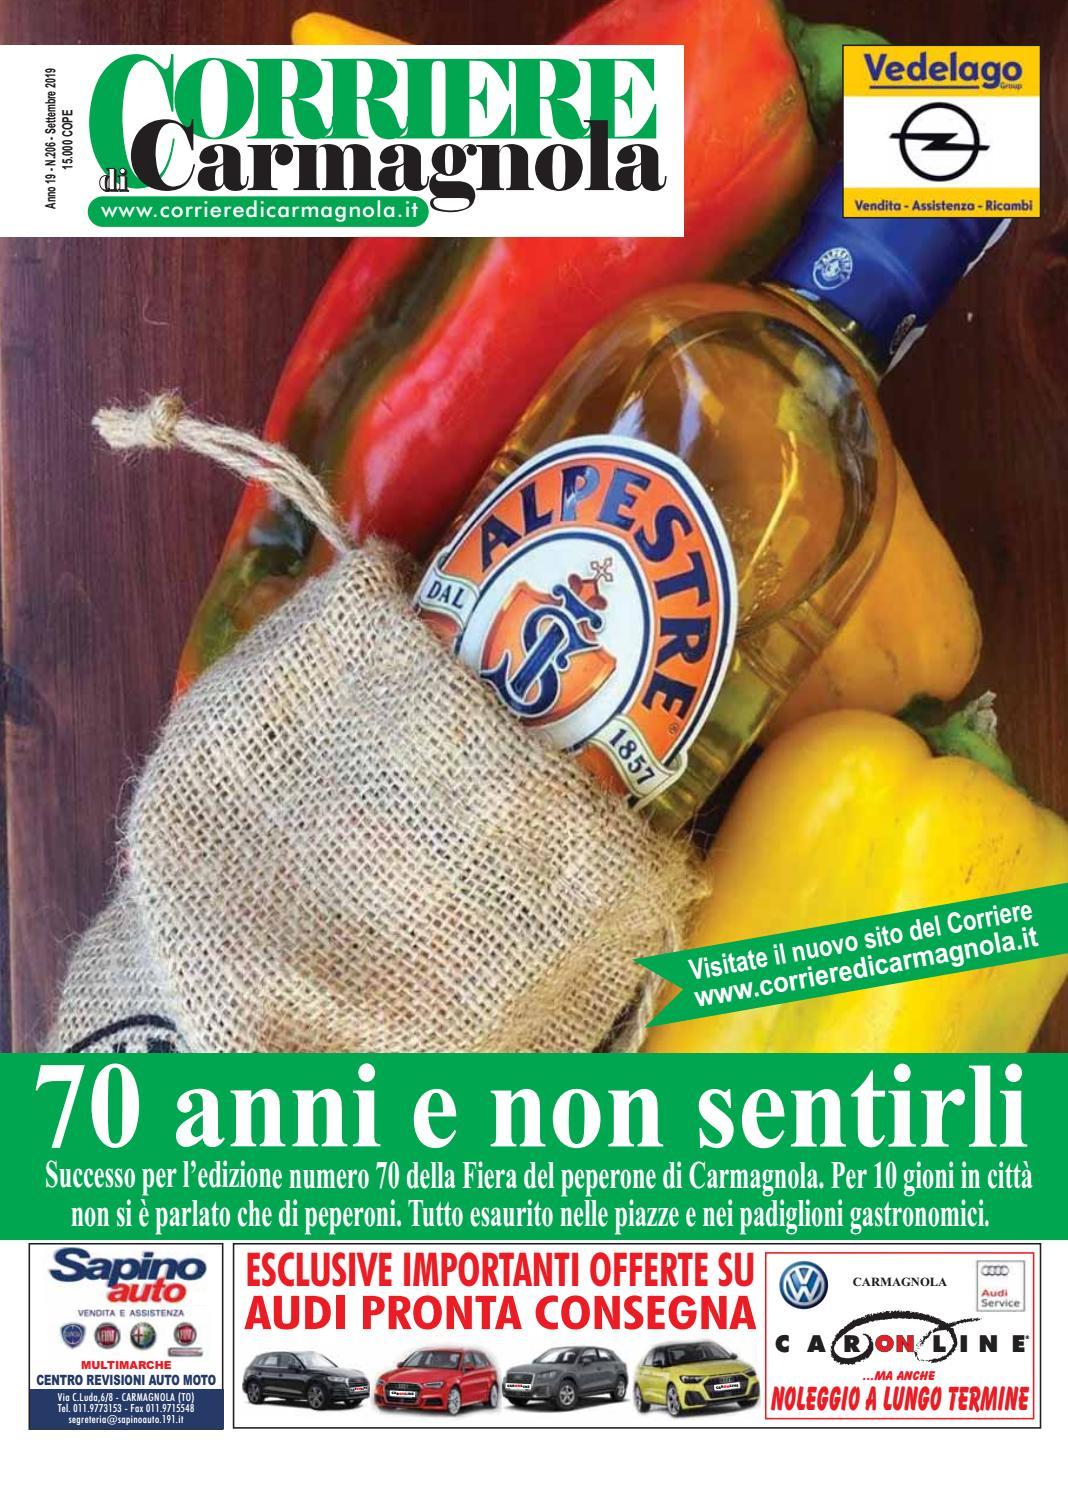 Centro Del Materasso Carmagnola.Corriere Di Carmagnola Settembre 2019 By Corriere Di Carmagnola